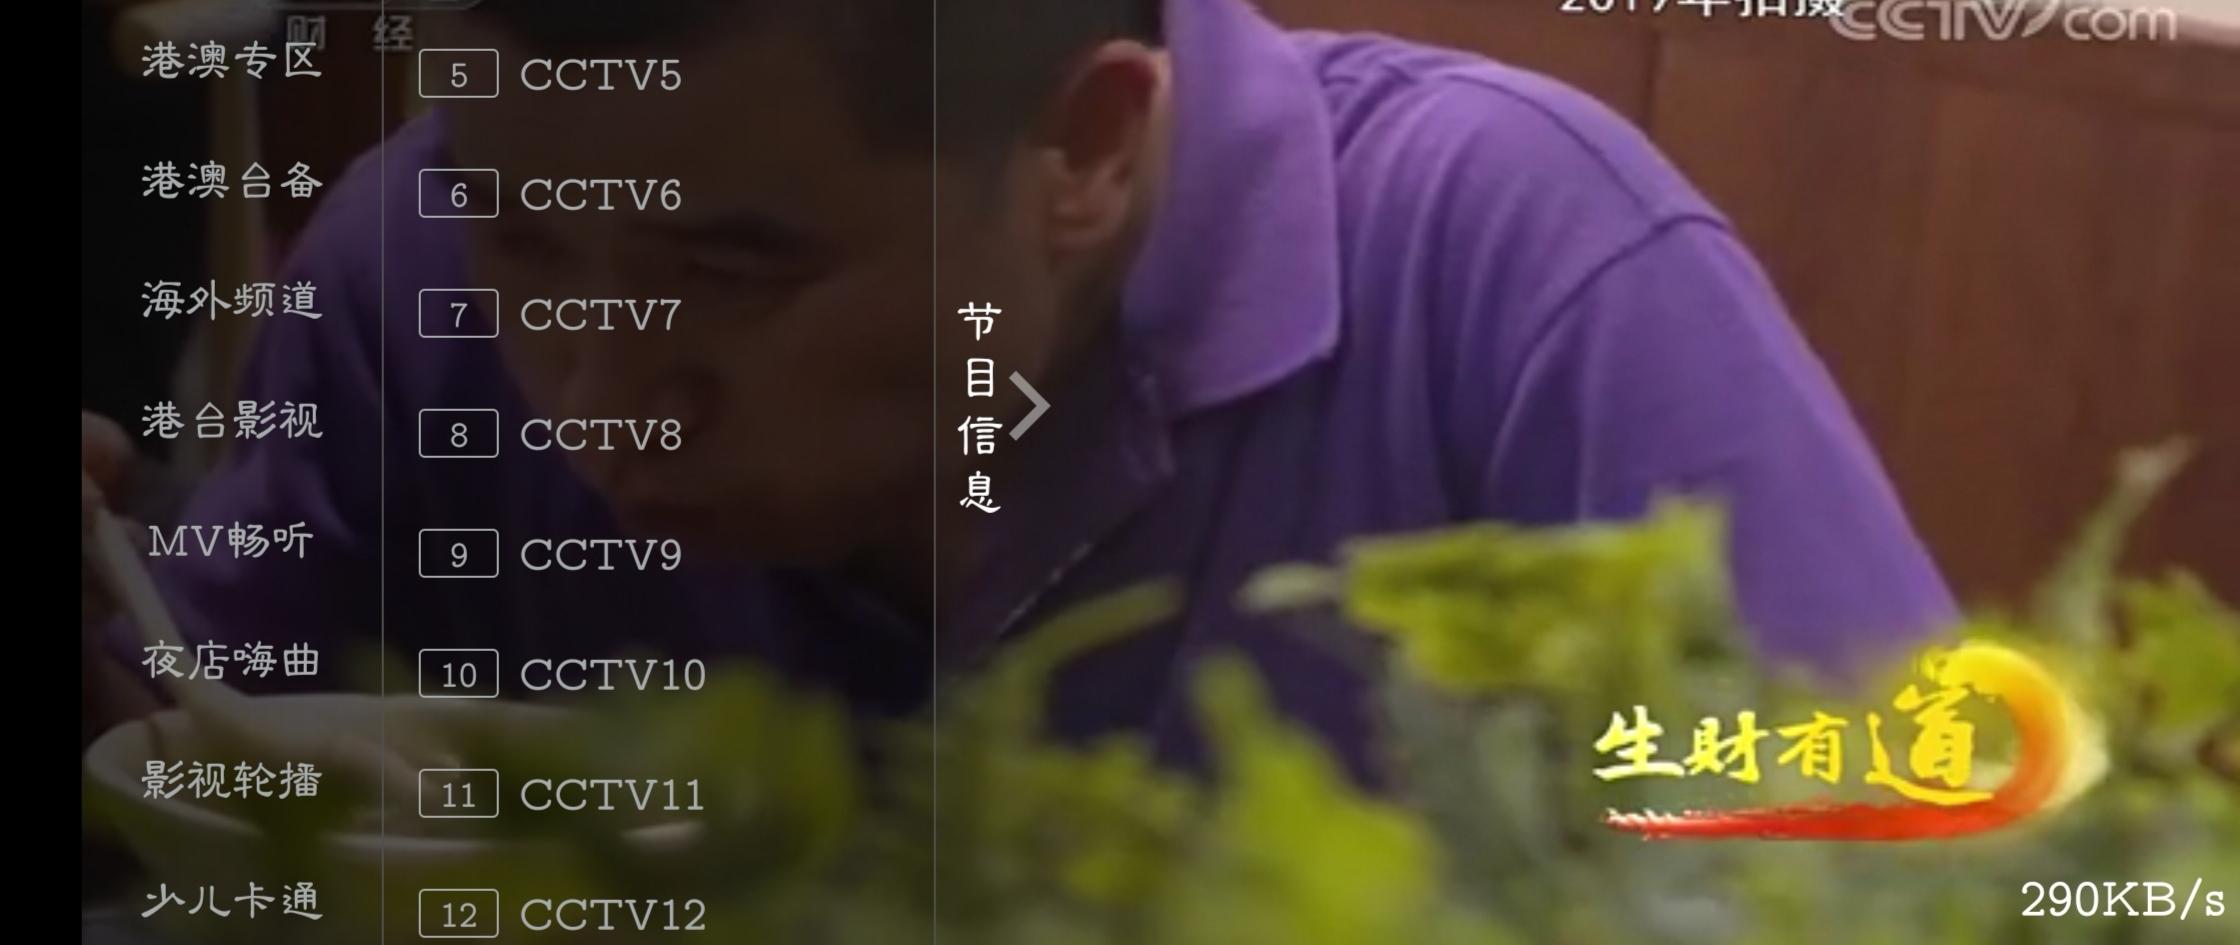 Screenshot_20200612_190517.jpg